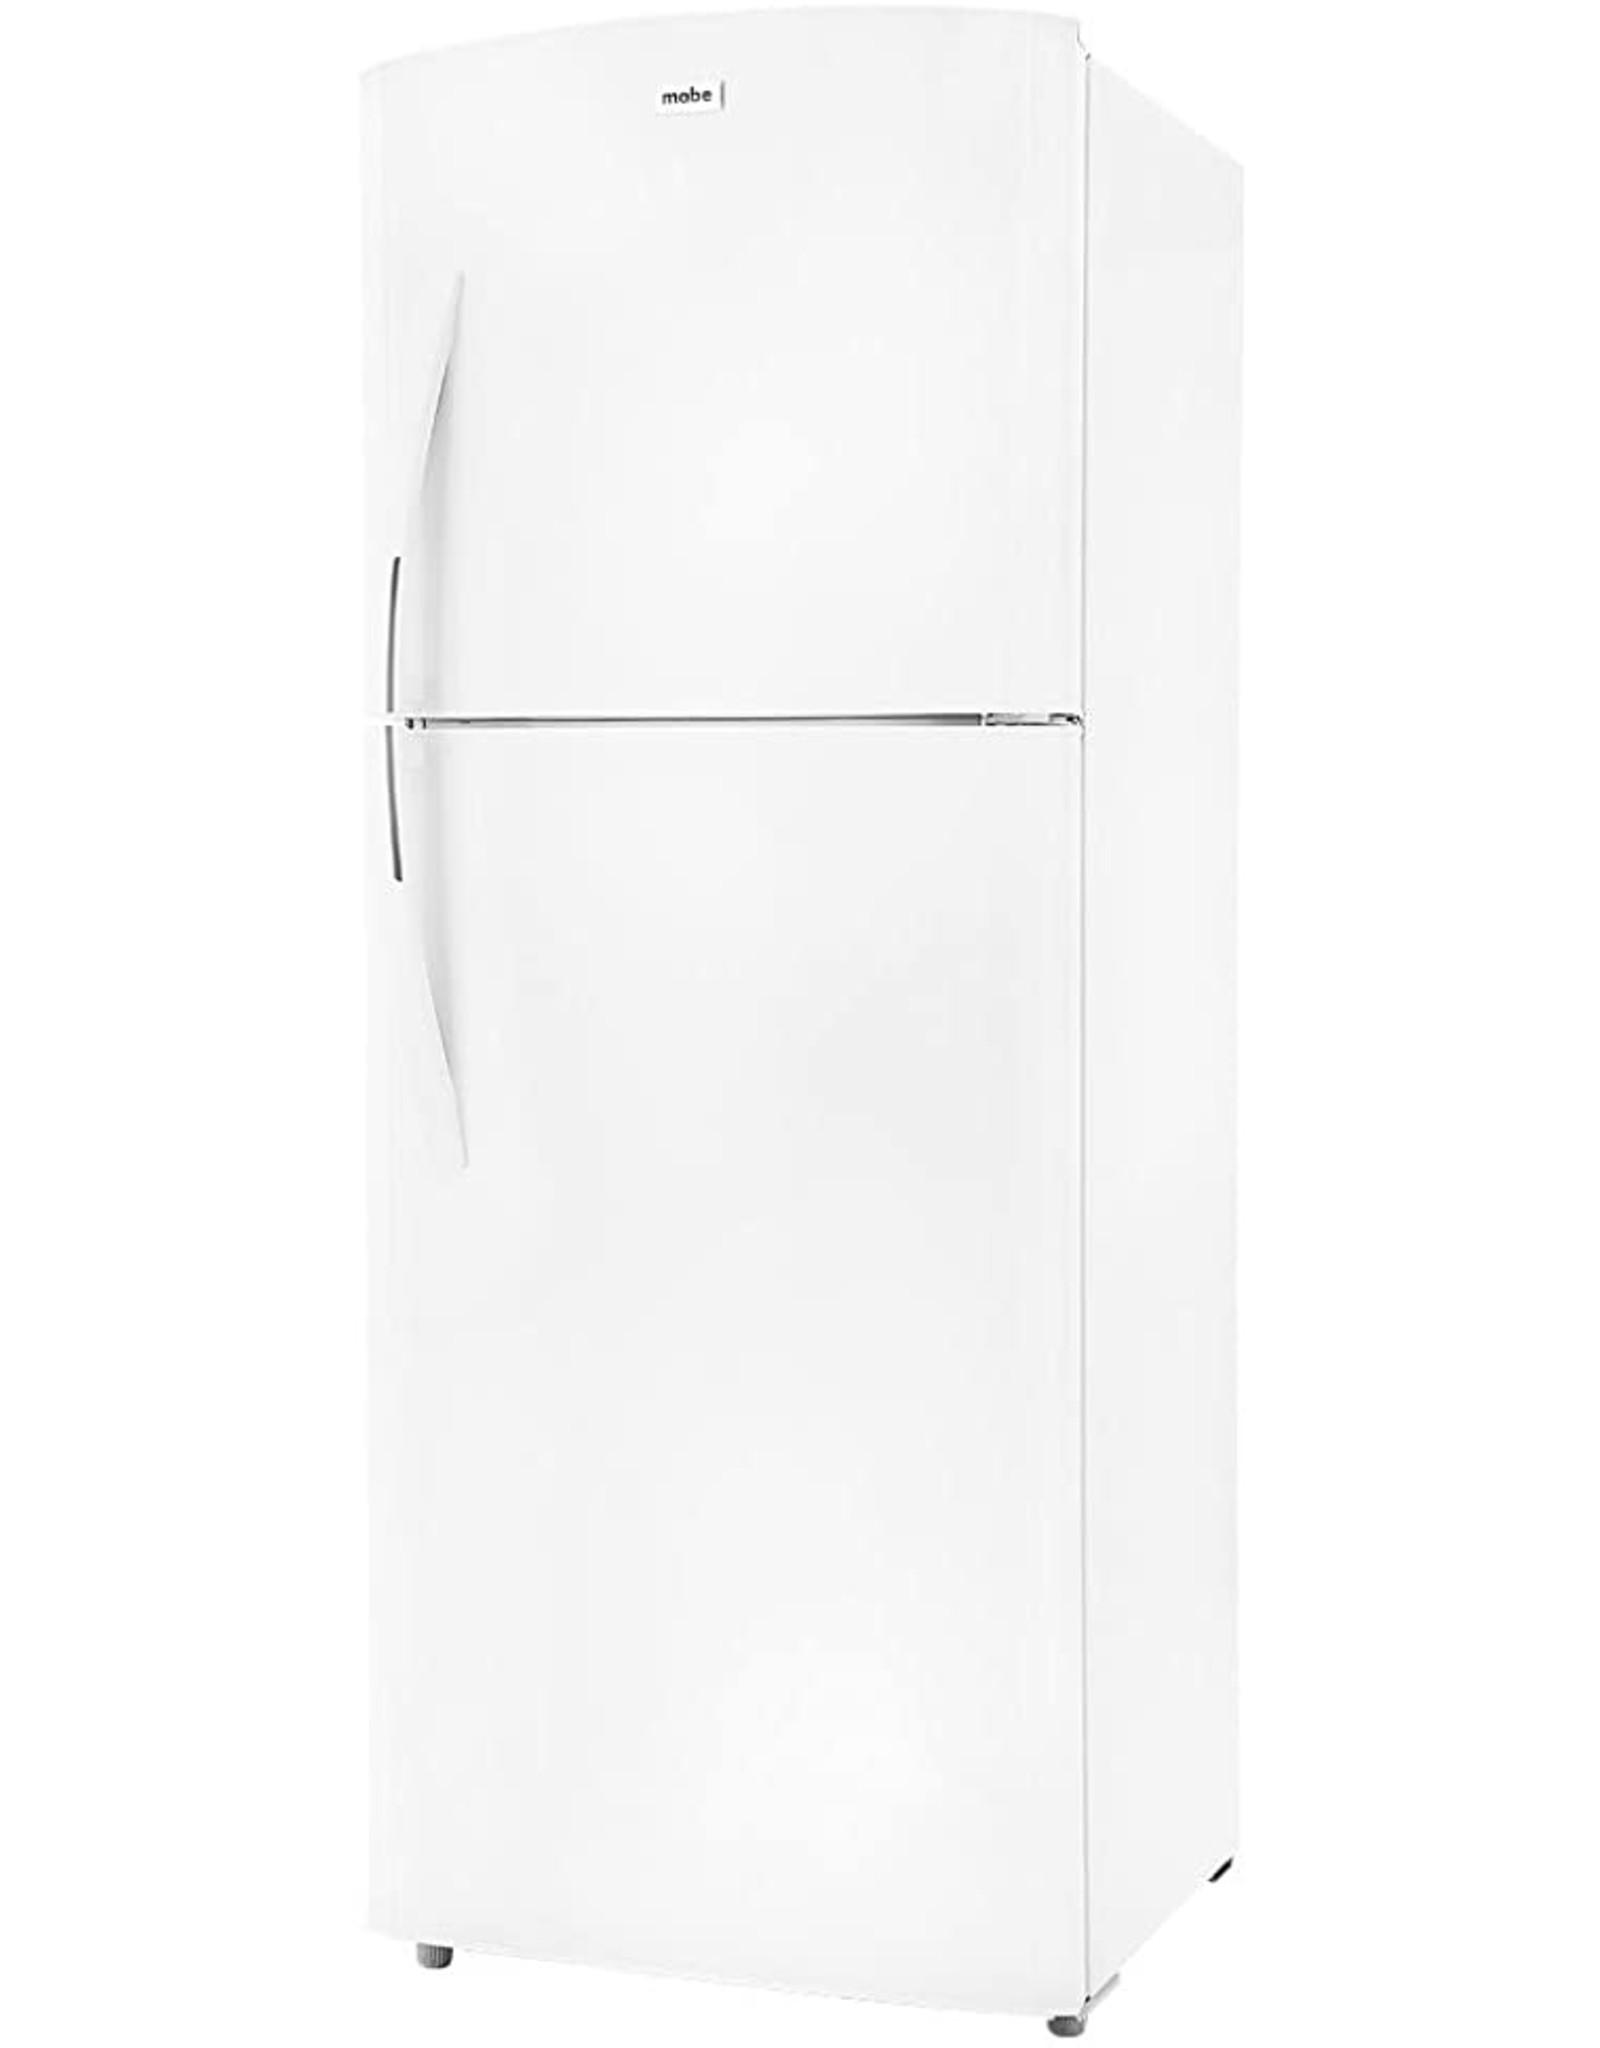 Mabe Mabe Refrigerator 14 ft White RME1436XUNB2